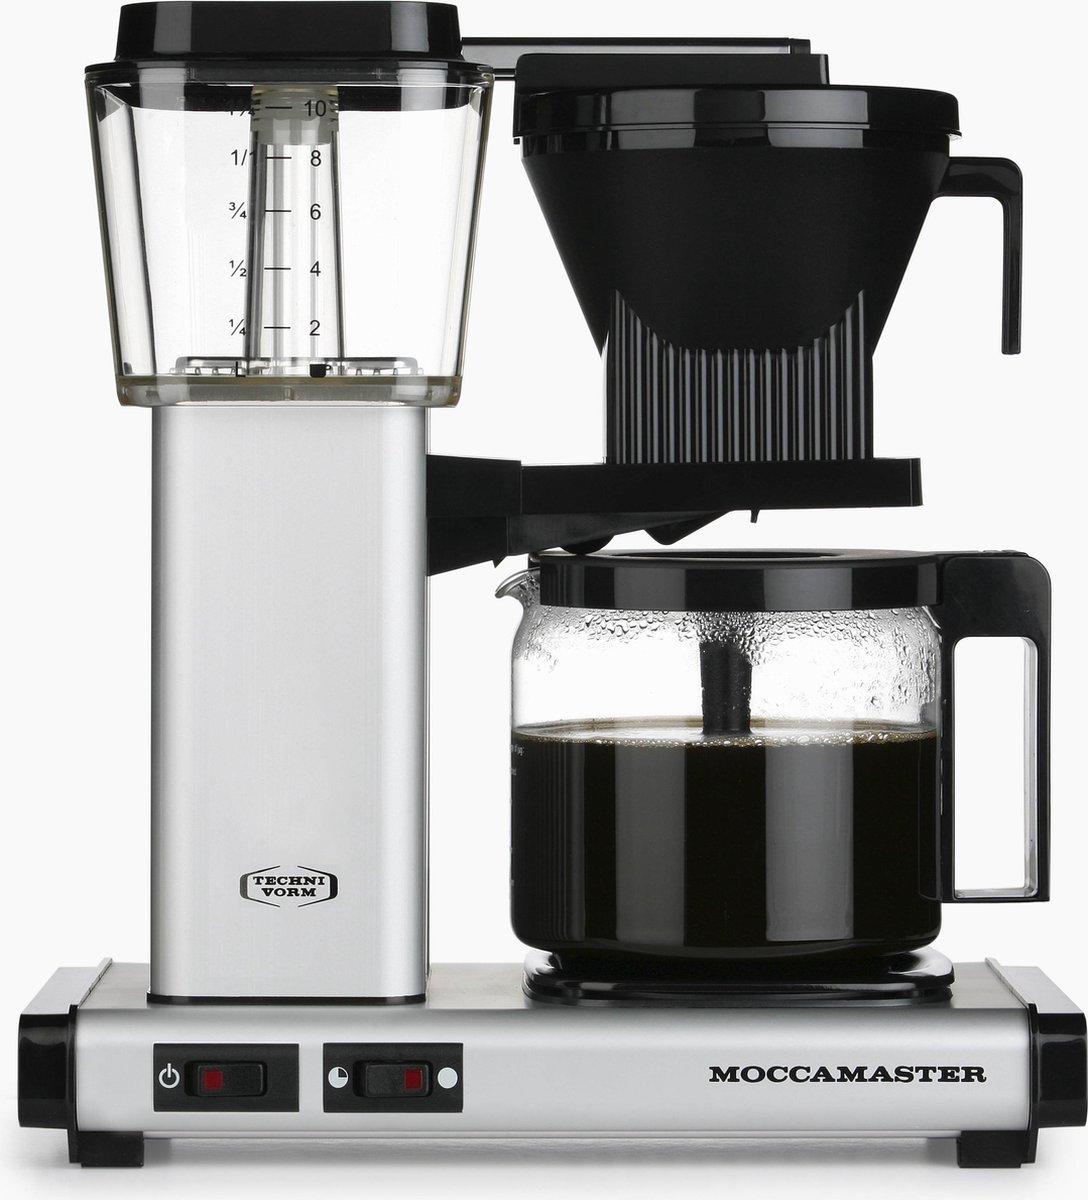 Moccamaster KBG741AO koffiezetapparaat